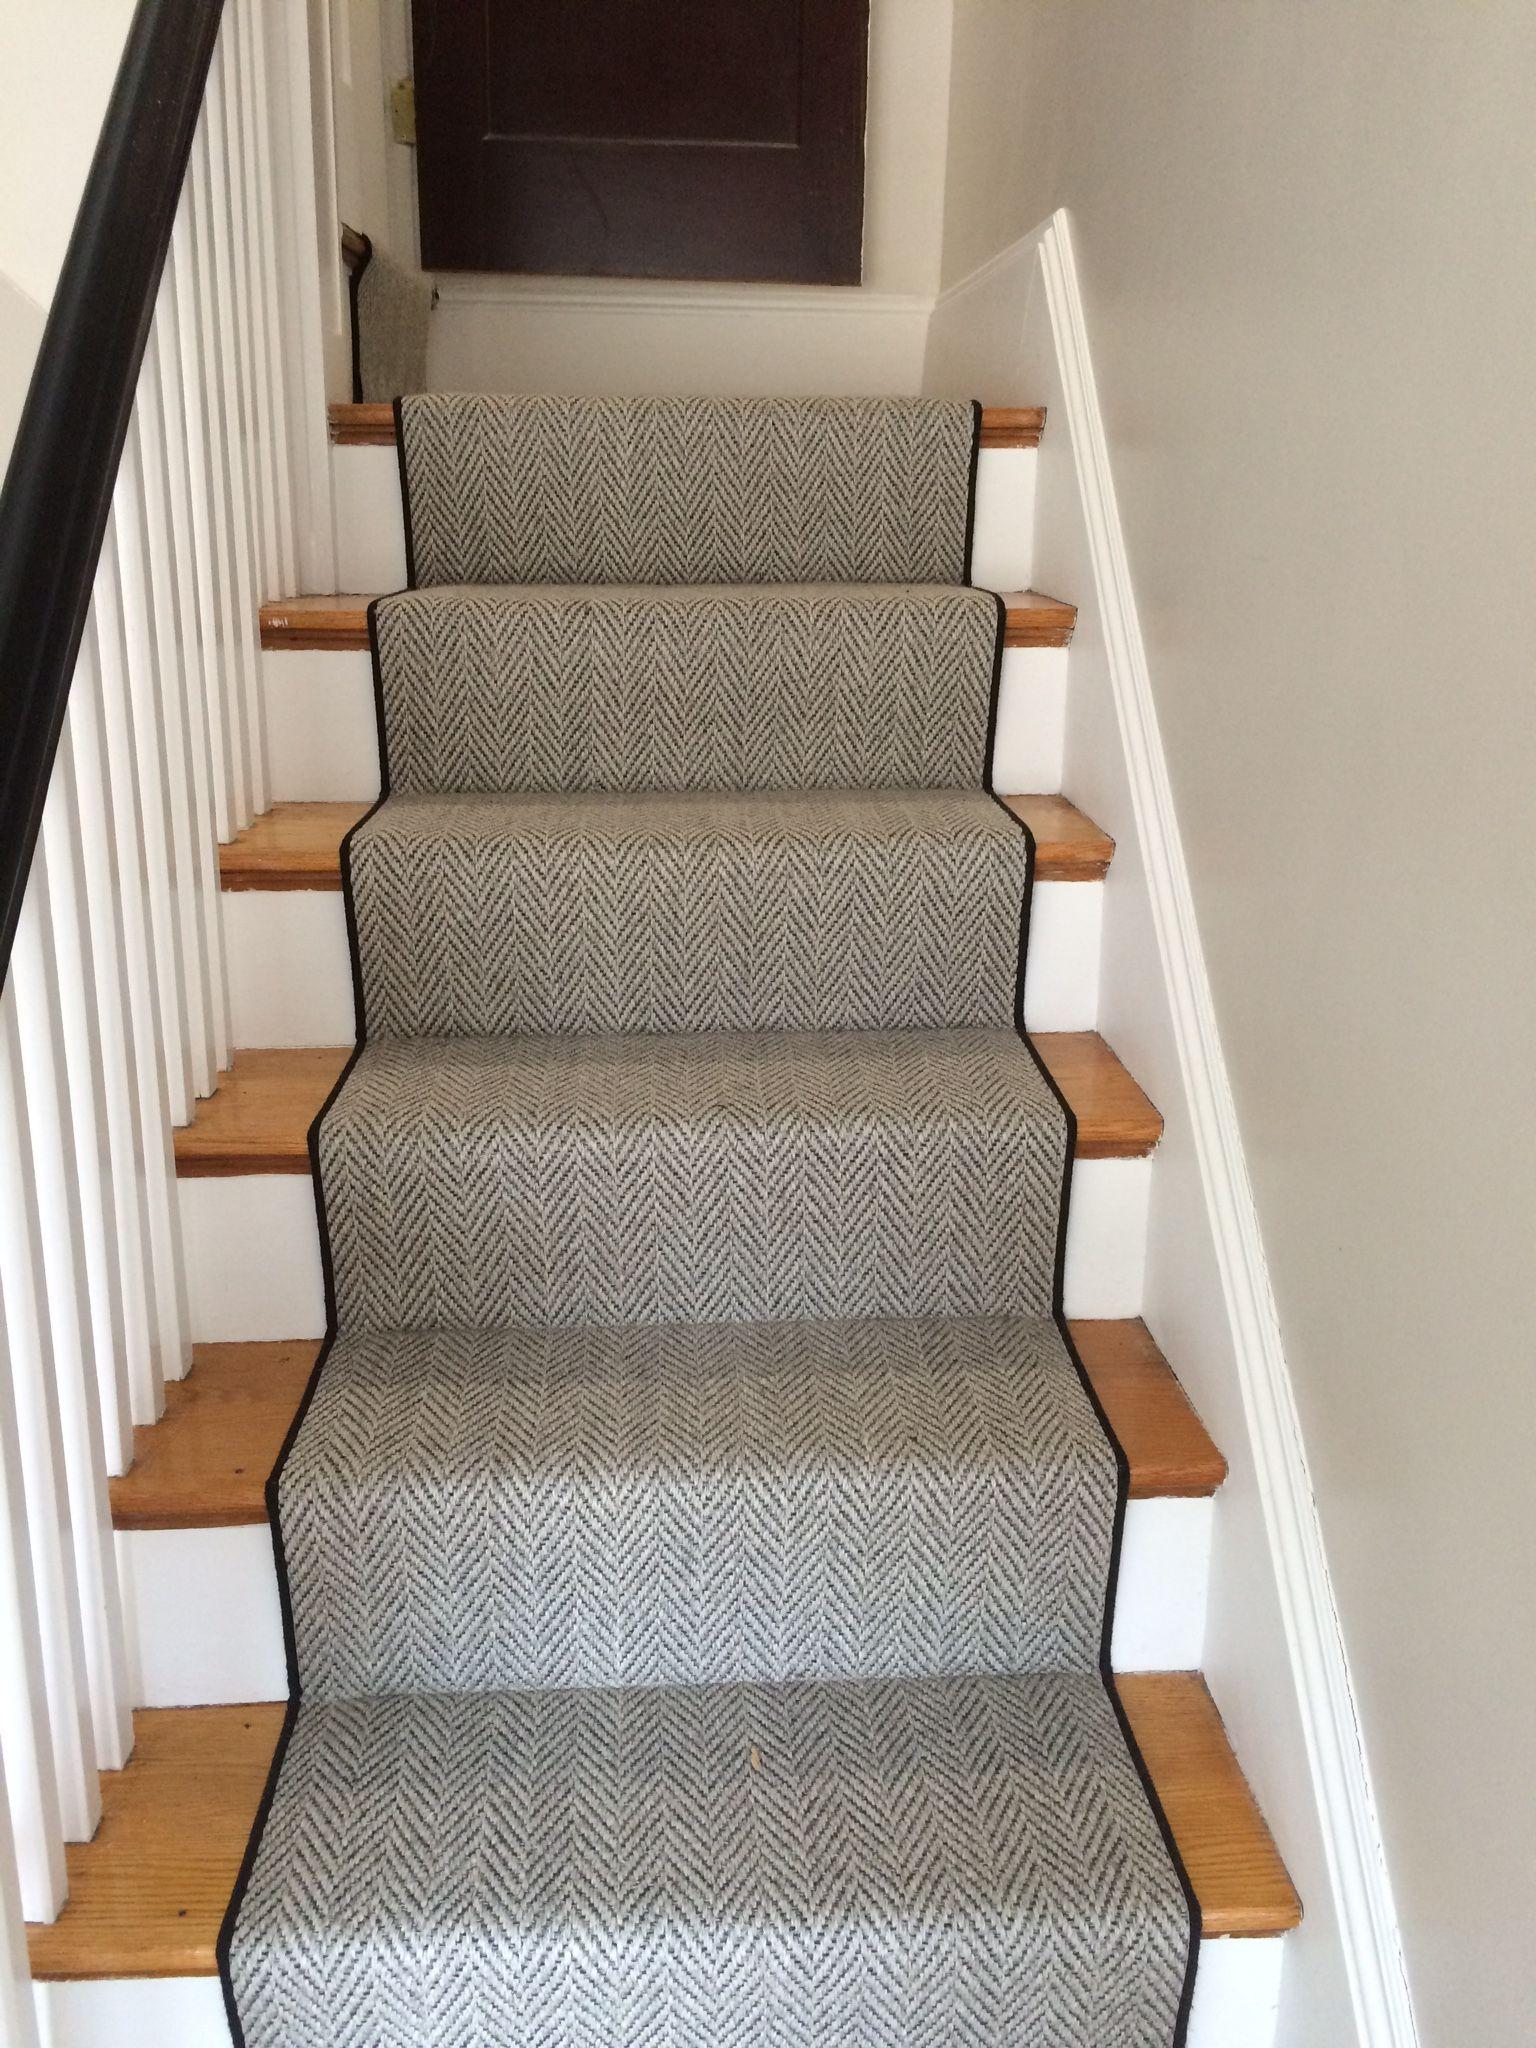 Herringbone Carpet Is One Of My Favorite Looks Because I Love The  Herringbone Pattern And I